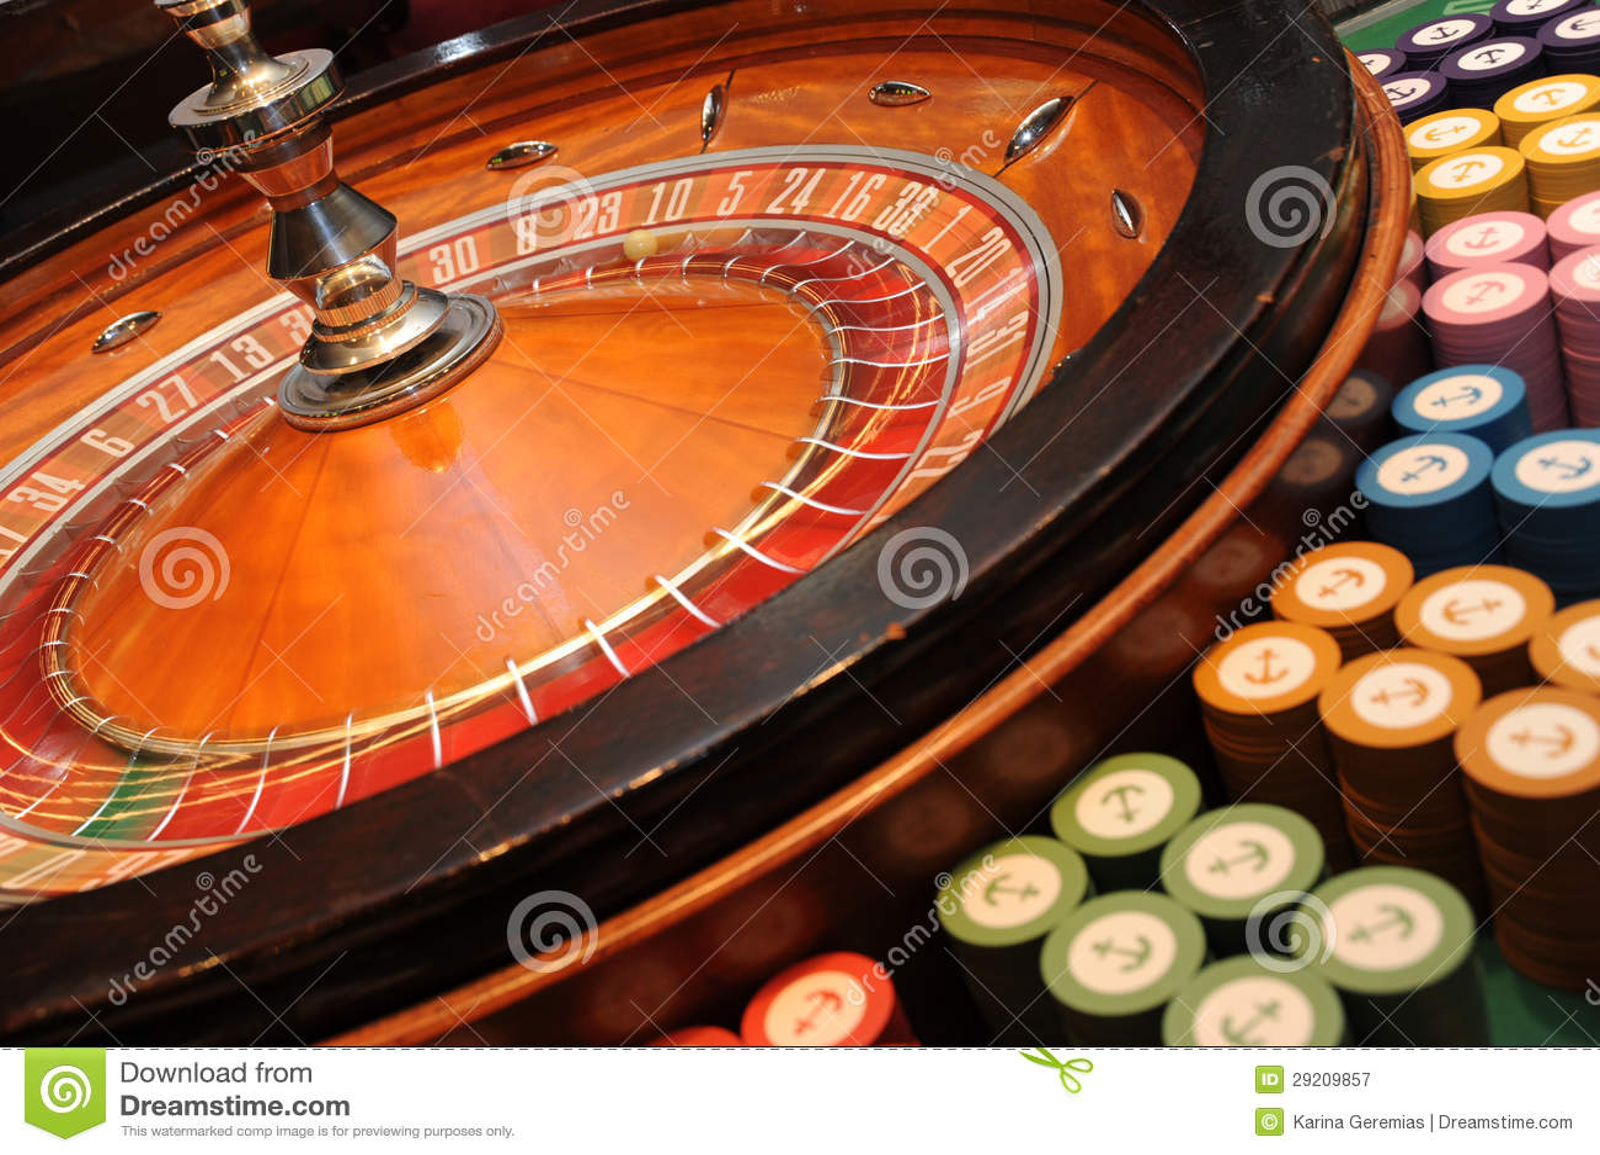 Next roulette